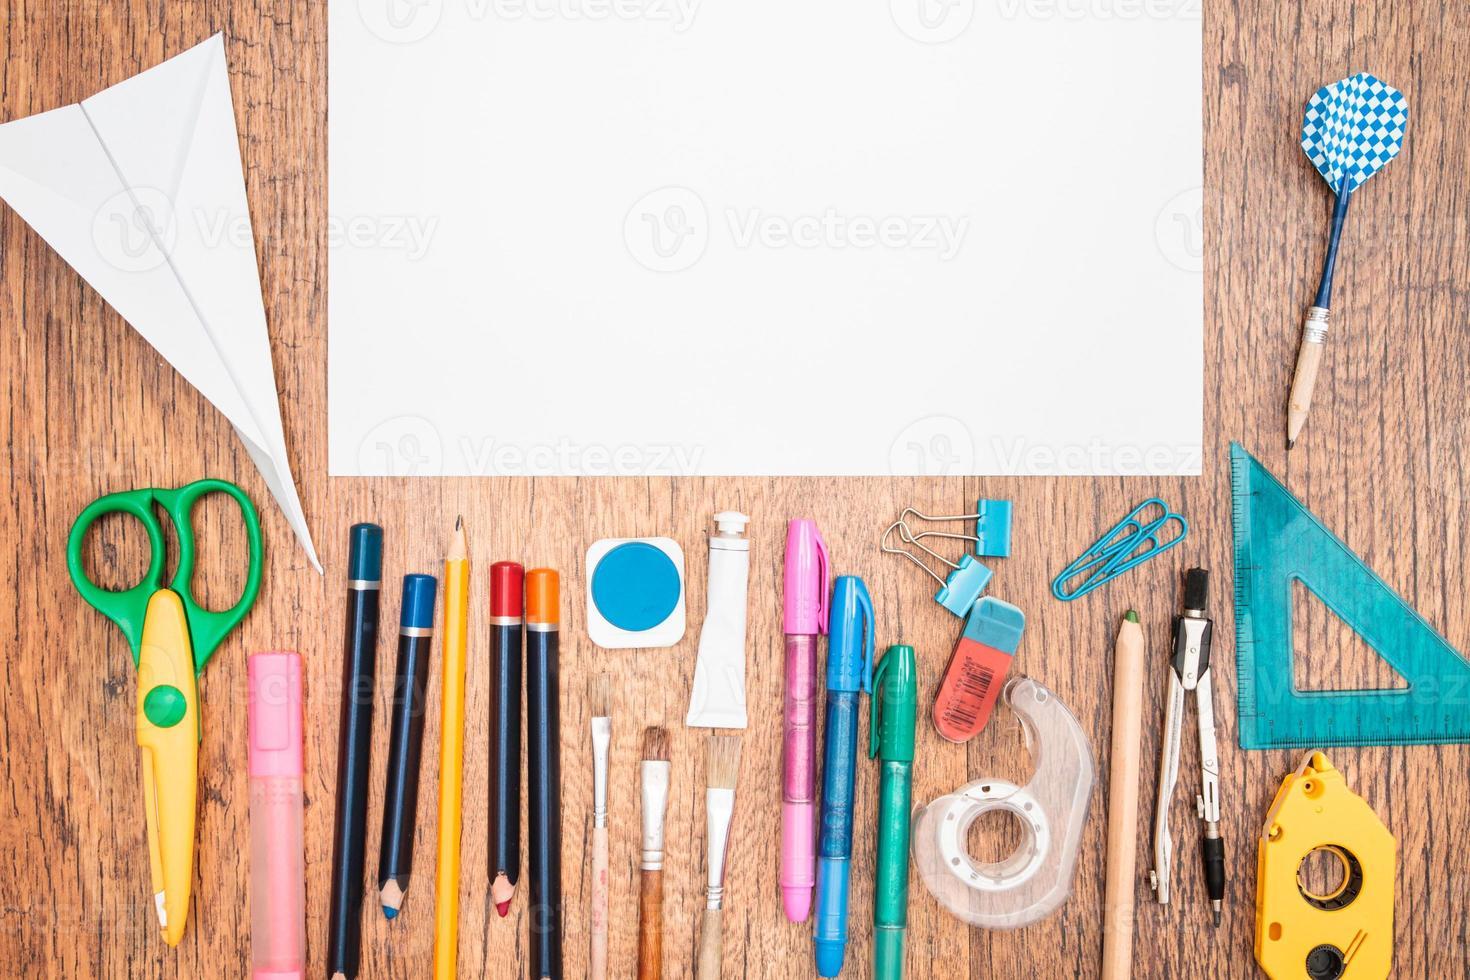 skoltillbehör på ett skrivbord foto